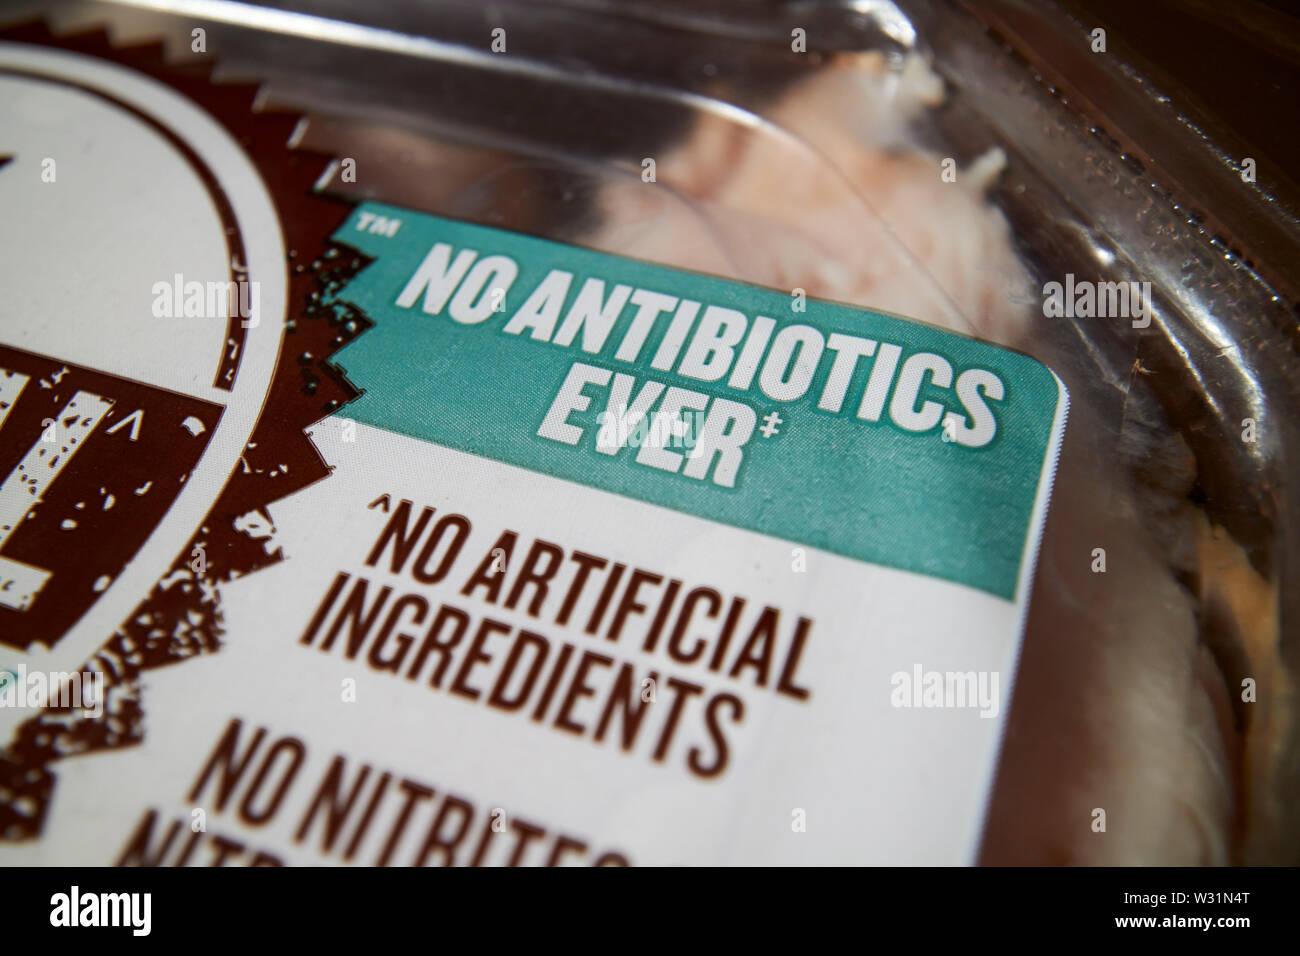 no antibiotics ever no artificial ingredients food labelling